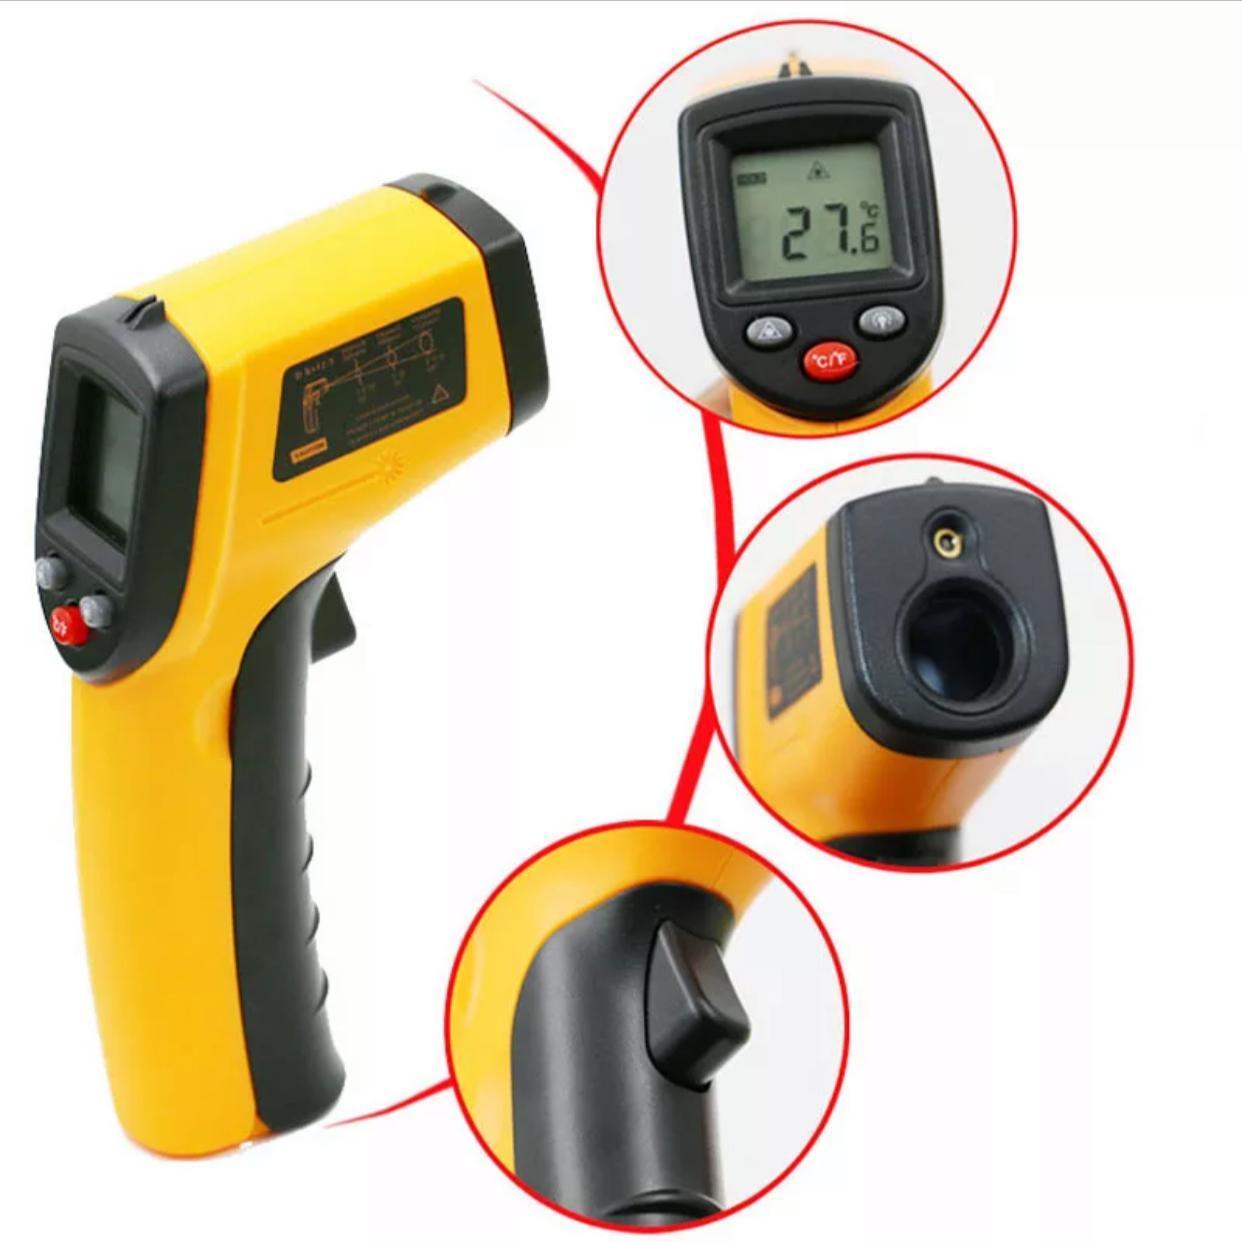 Промышленный инфракрасный бесконтактный термометр пирометр RZ GM320 -50 ~ +320 °С